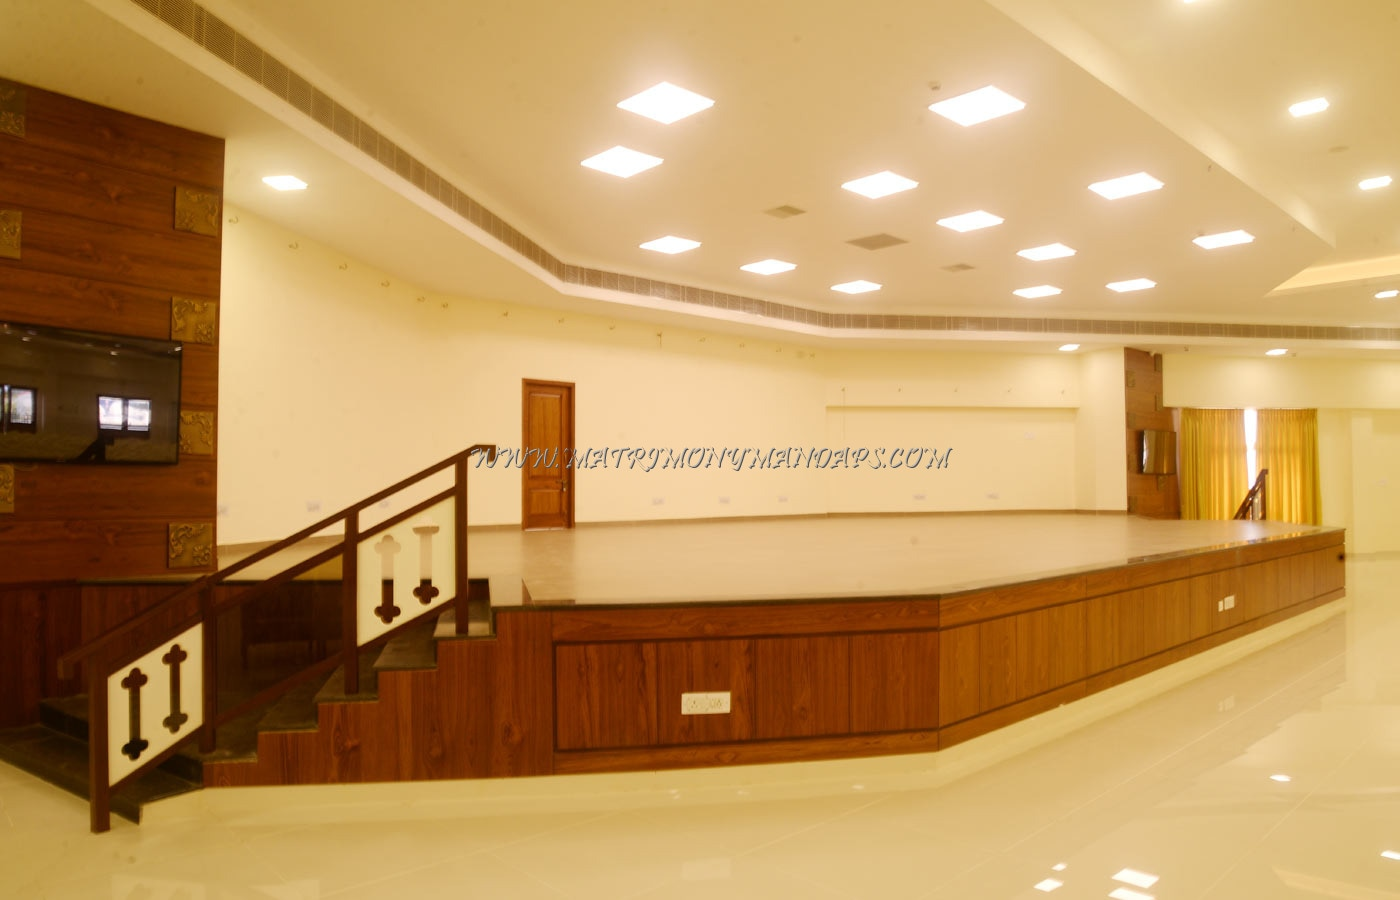 Shree Chaitanya Function Hall - Stage